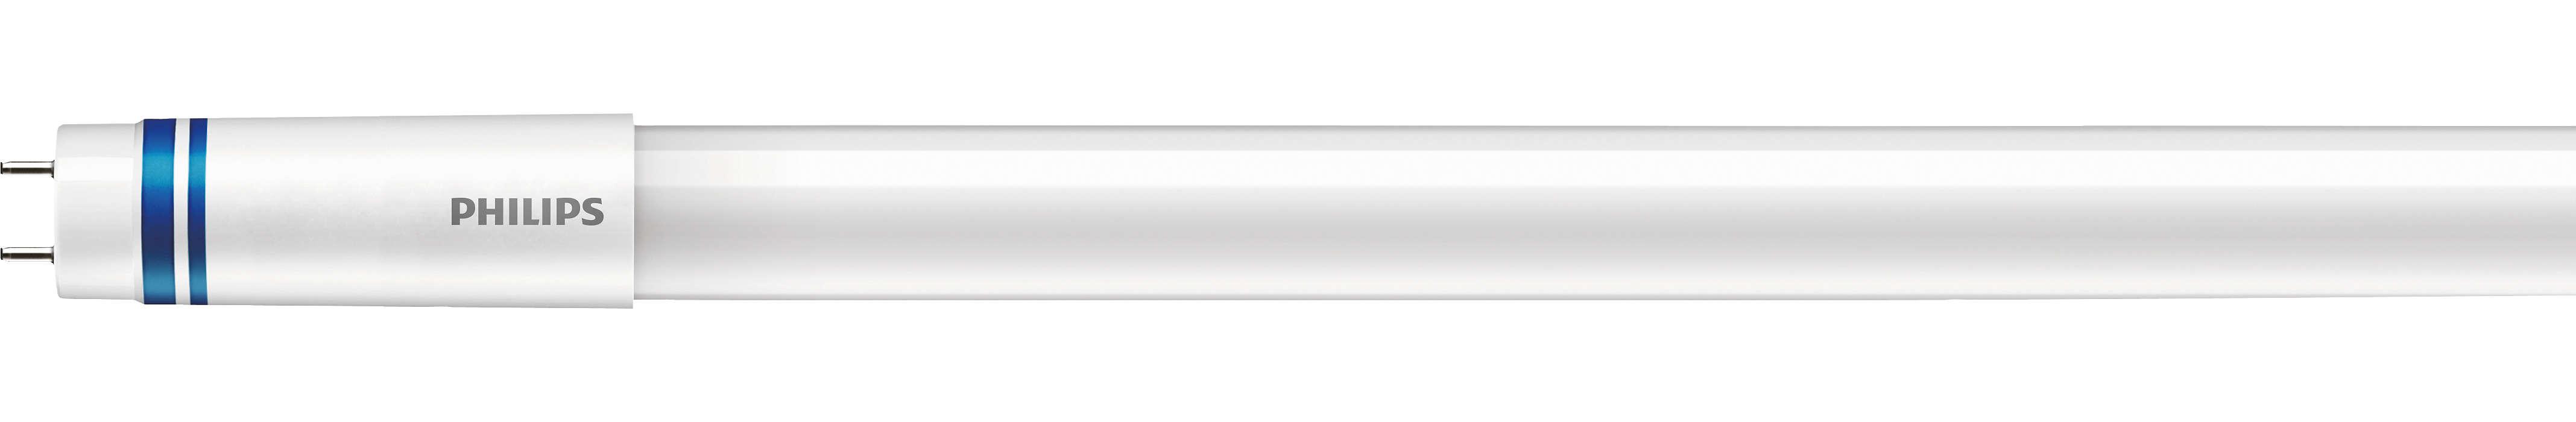 Den nye generation inden for energibesparende lysrørbelysning